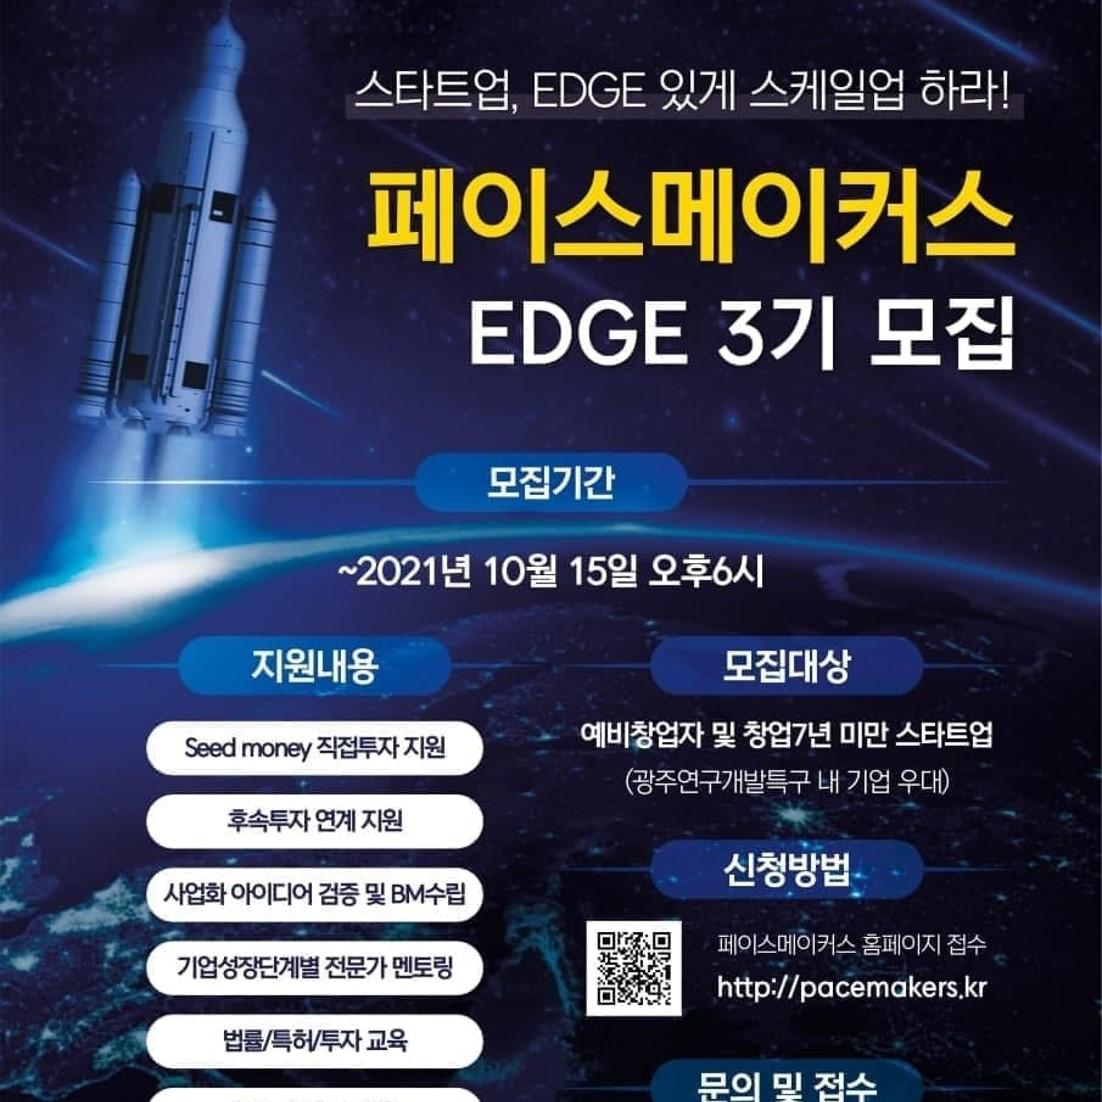 페이스메이커스 EDGE Program 3기 모집